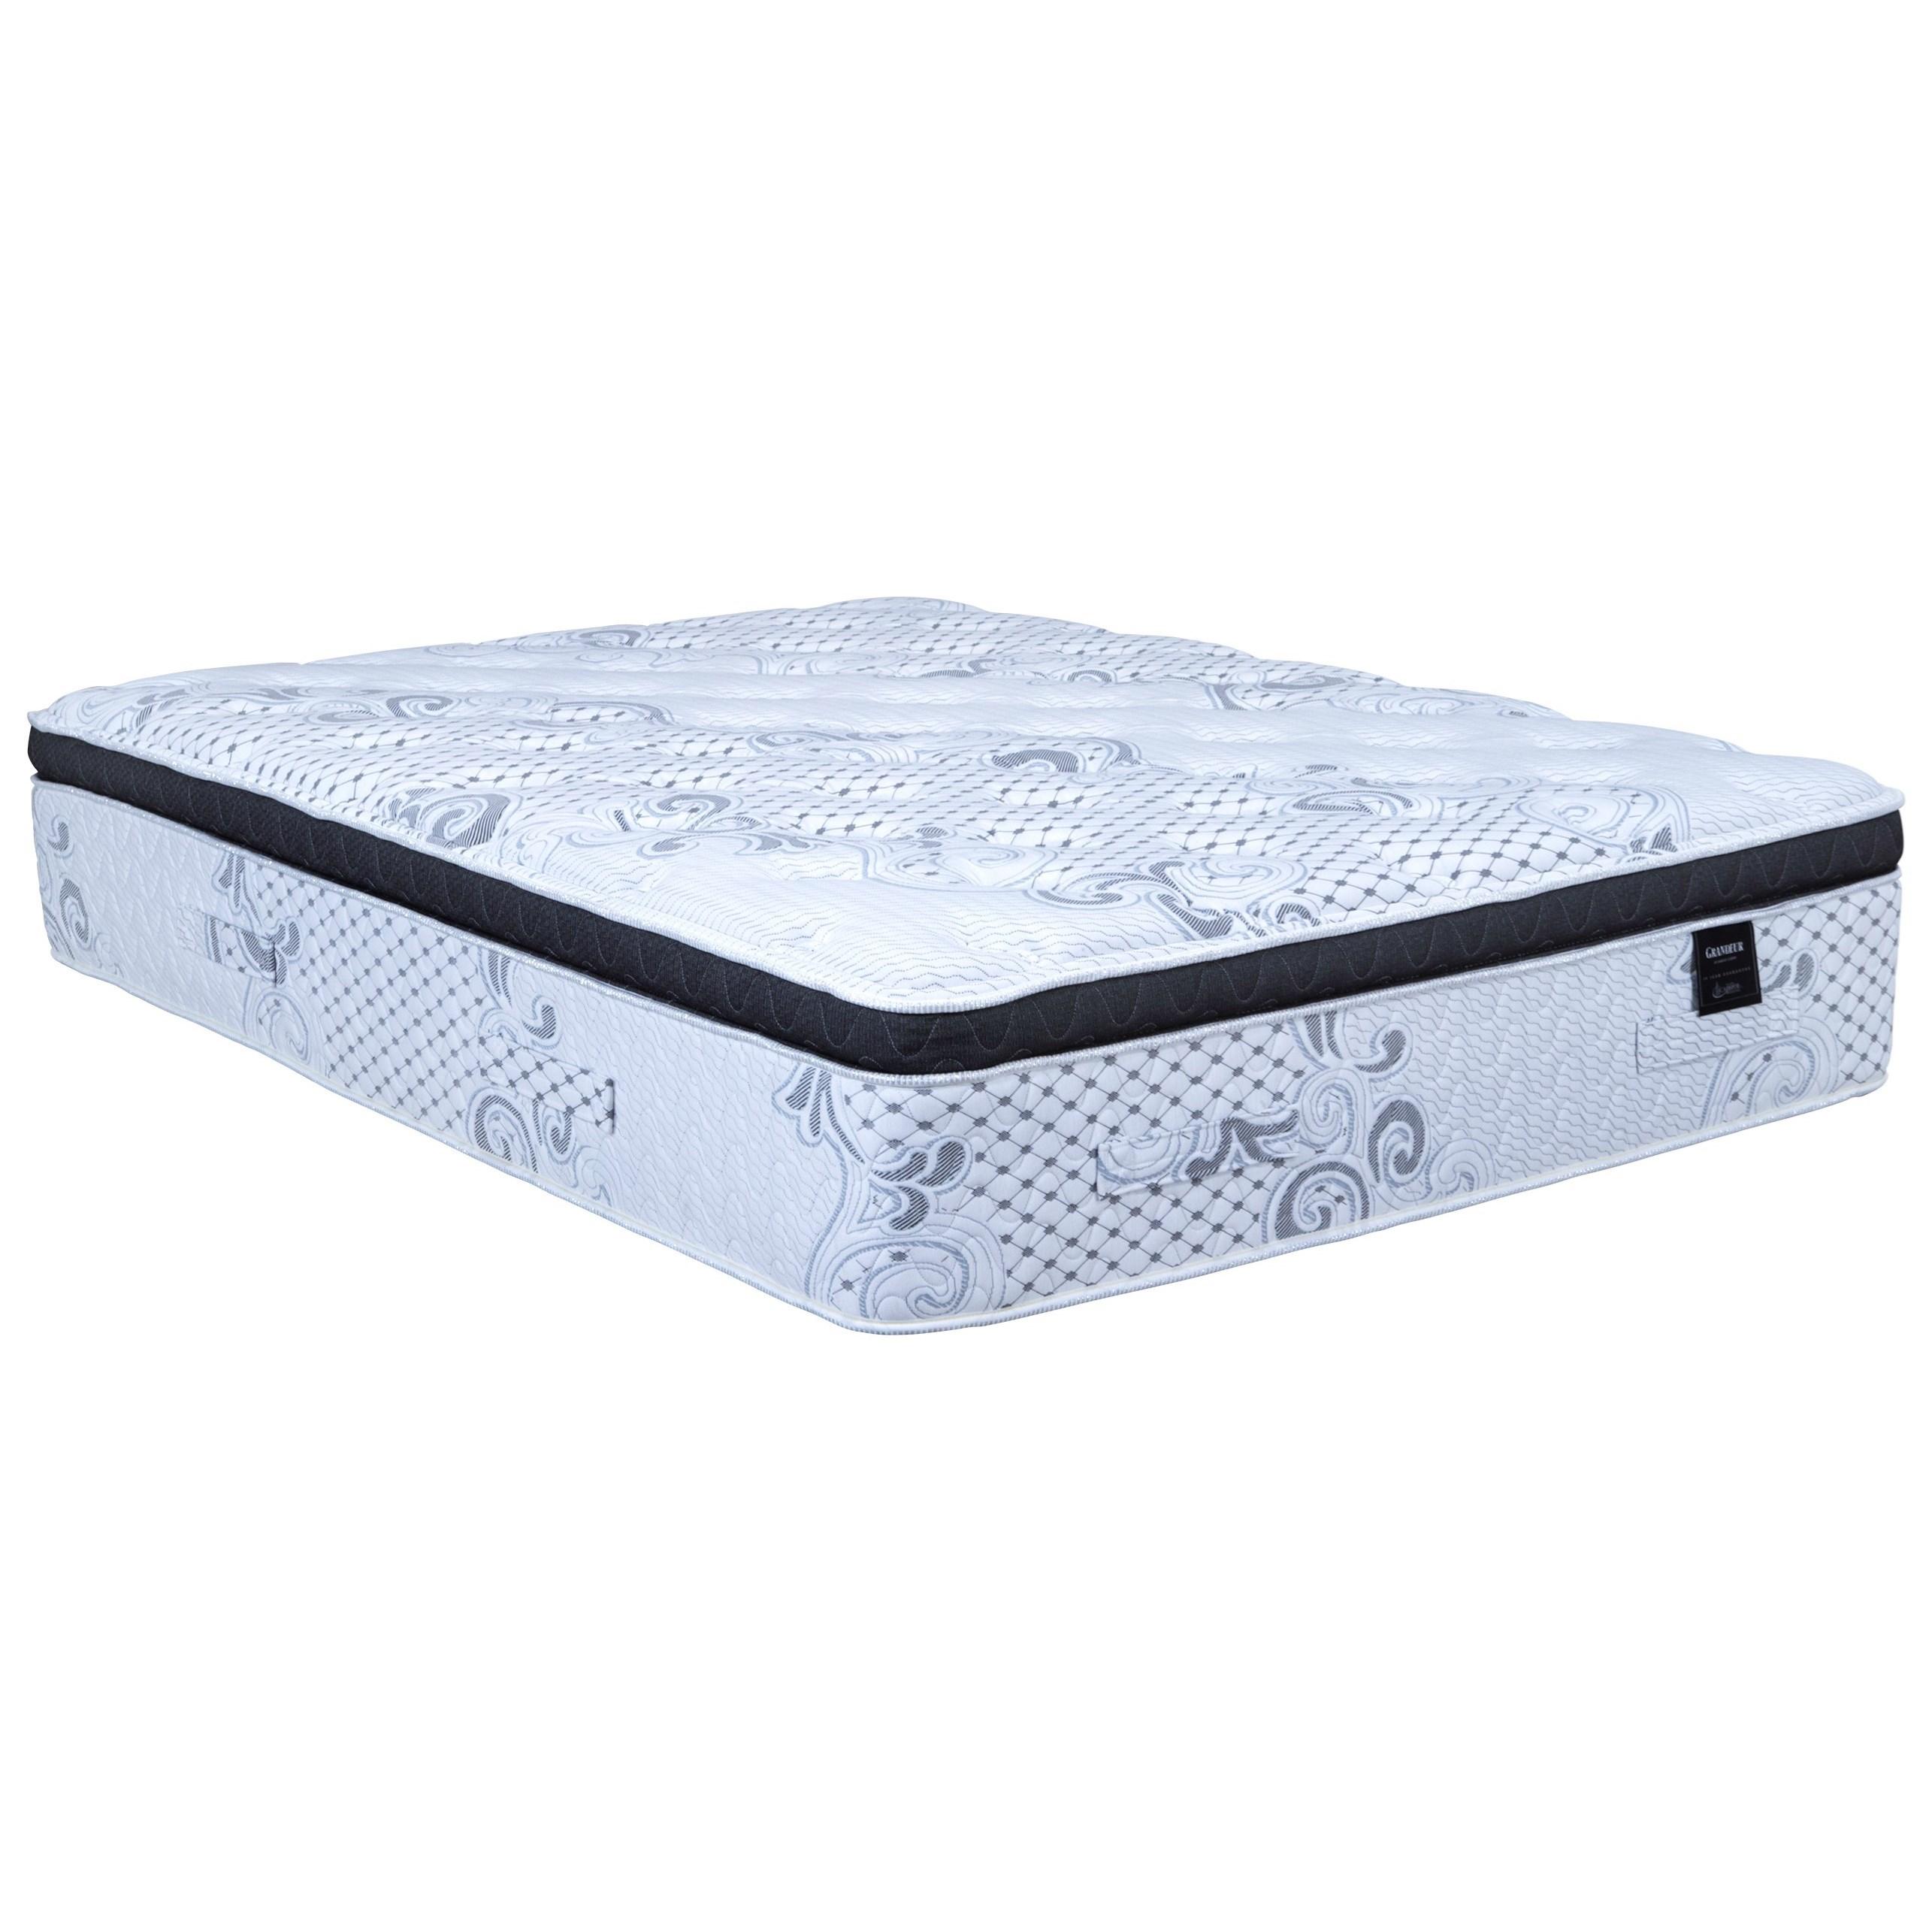 grandeur hybrid pillow top king firm hybrid pillow top mattress